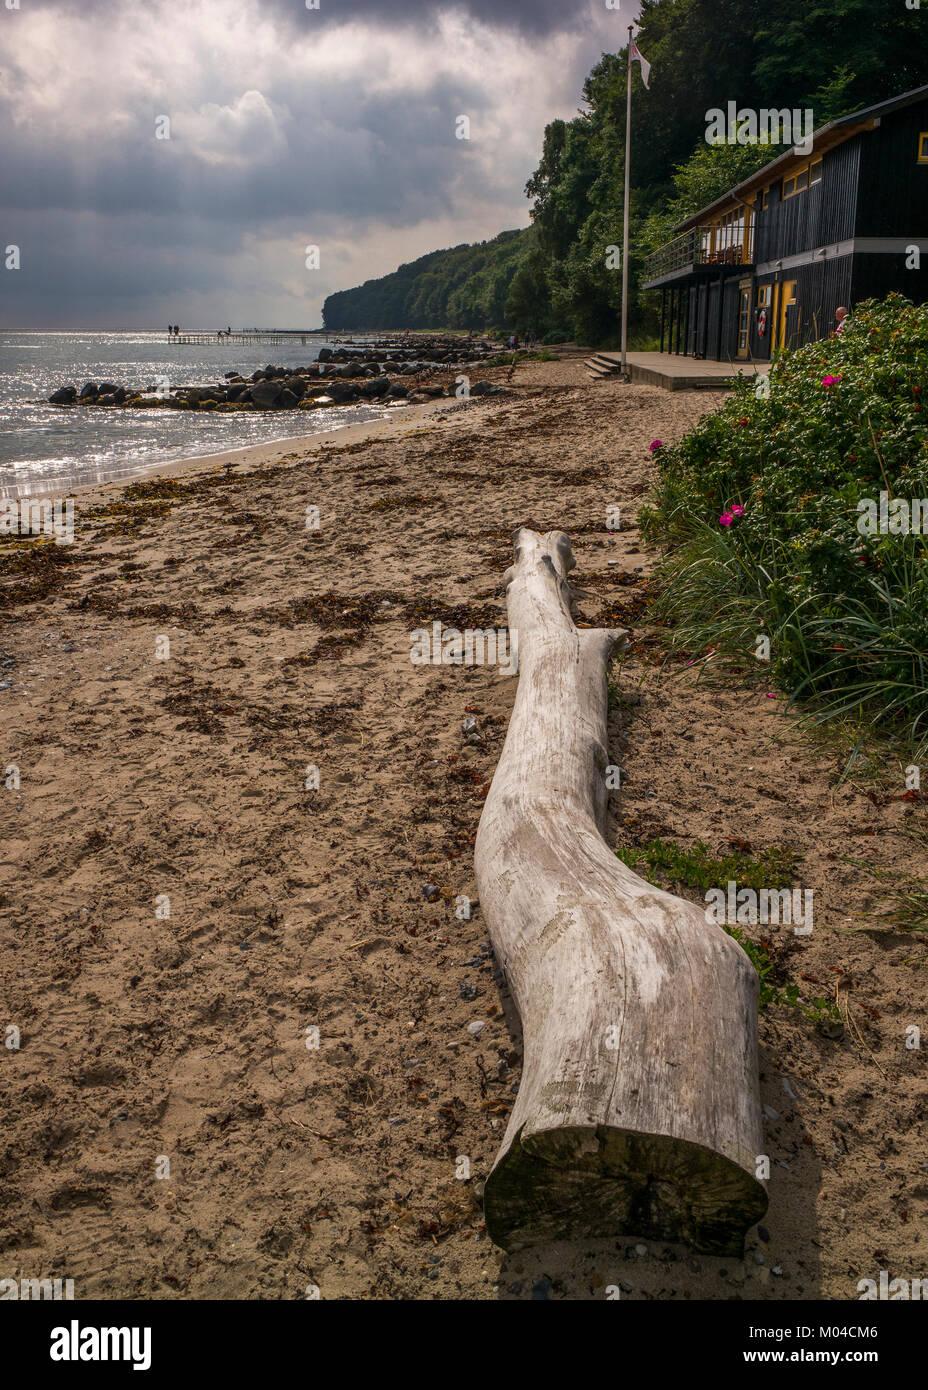 Se connecter s'échouer sur la plage Bridgea infinie sculpture de l'architecte danois & Gjøde Povlsgaard Arkitekter studio Banque D'Images